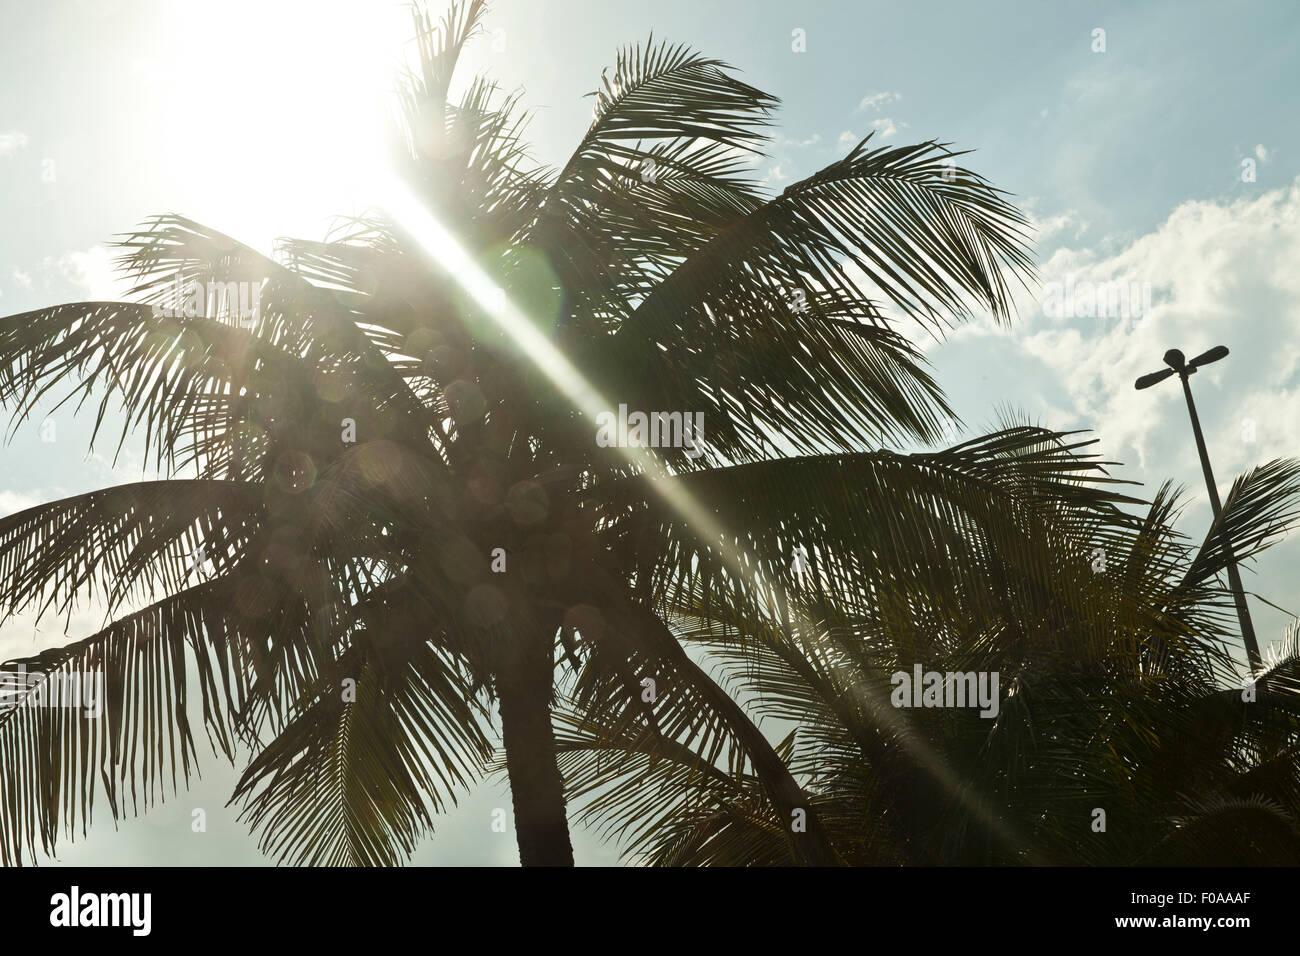 Palmeras y Sol, Río de Janeiro, Brasil Imagen De Stock